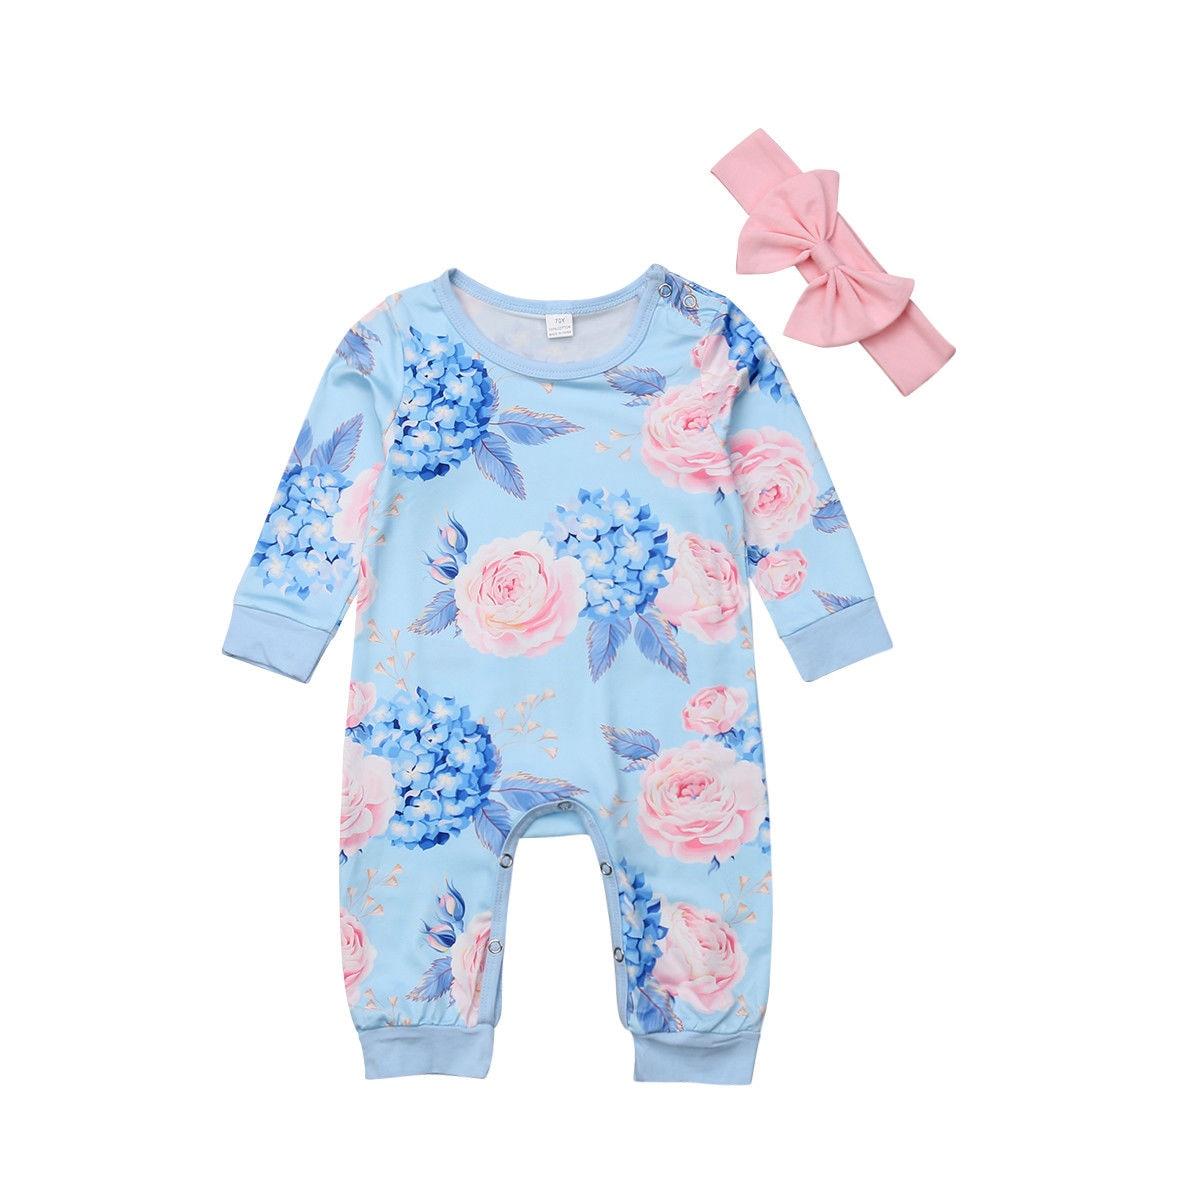 2 Stücke Neugeborenen Baby Mädchen Kleidung Floral Langarm Baumwolle Romper Overall Stirnband Outfits Kostüm